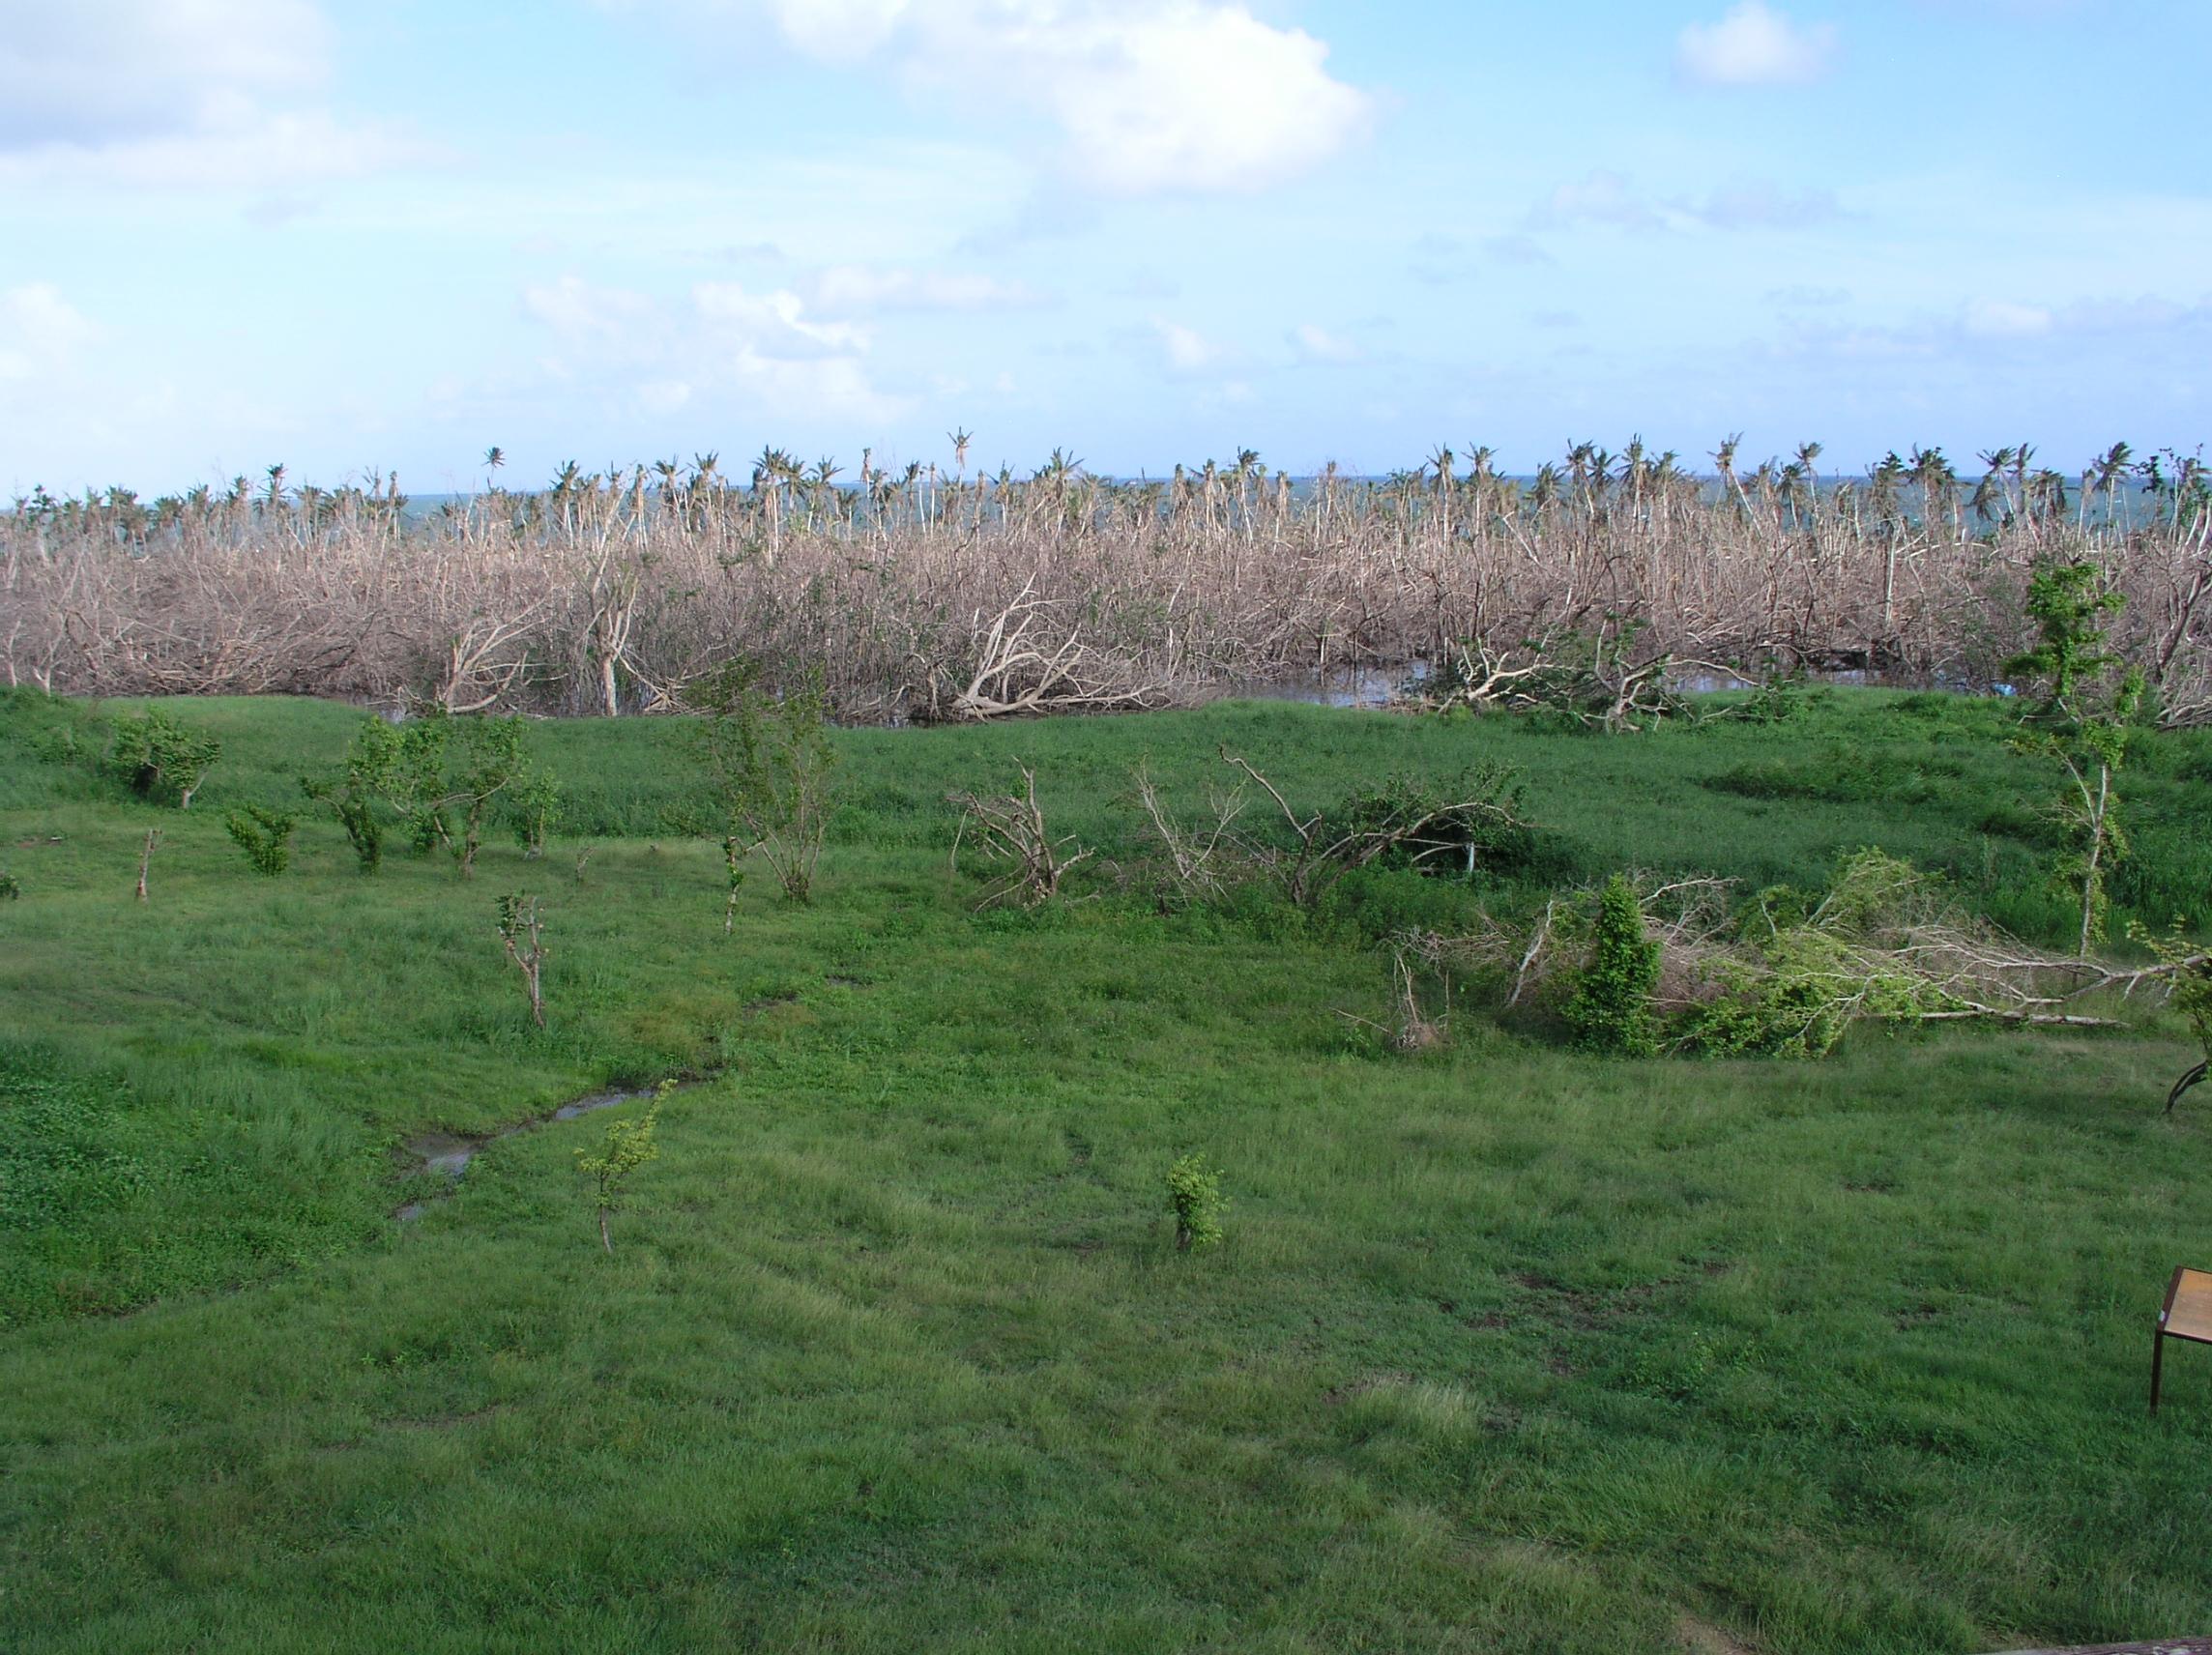 Devastated coastal vegetation.